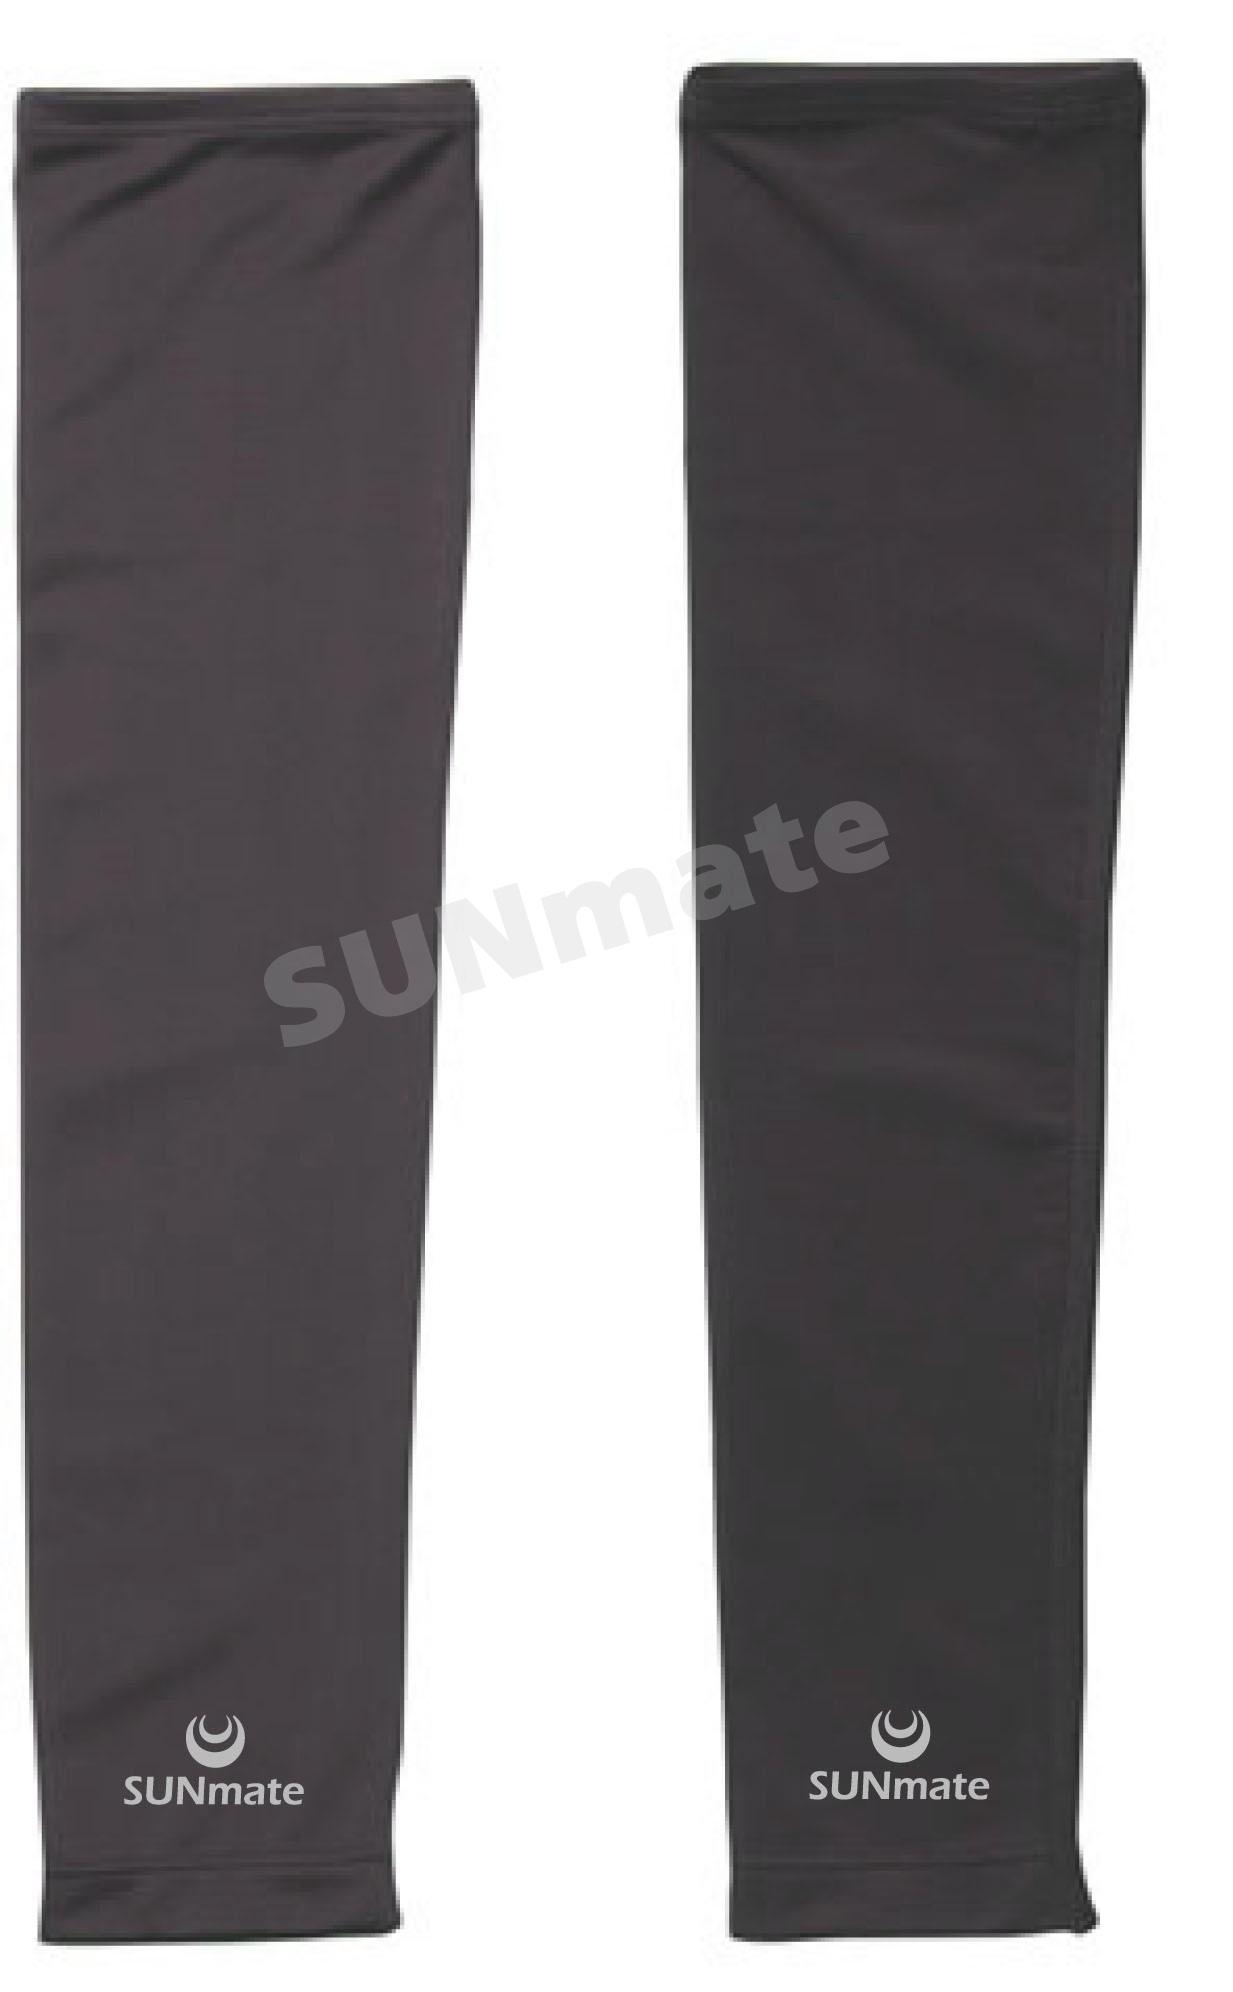 ปลอกแขนกันUV size L : Dark grey